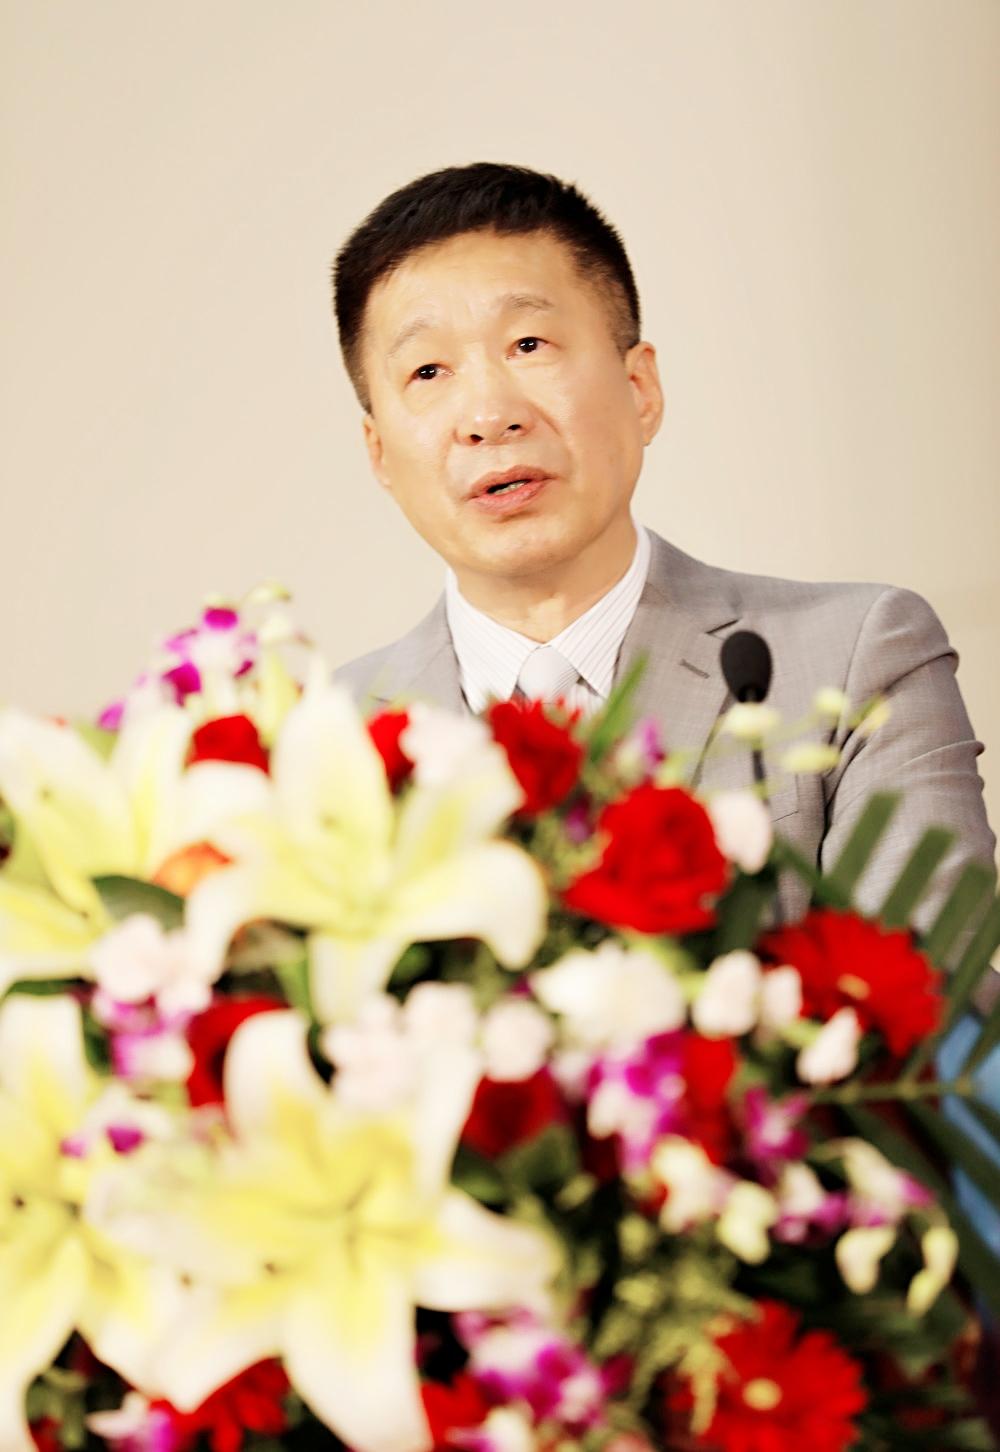 北斗卫星应用 董事长 宋天丞先生 致辞.jpg